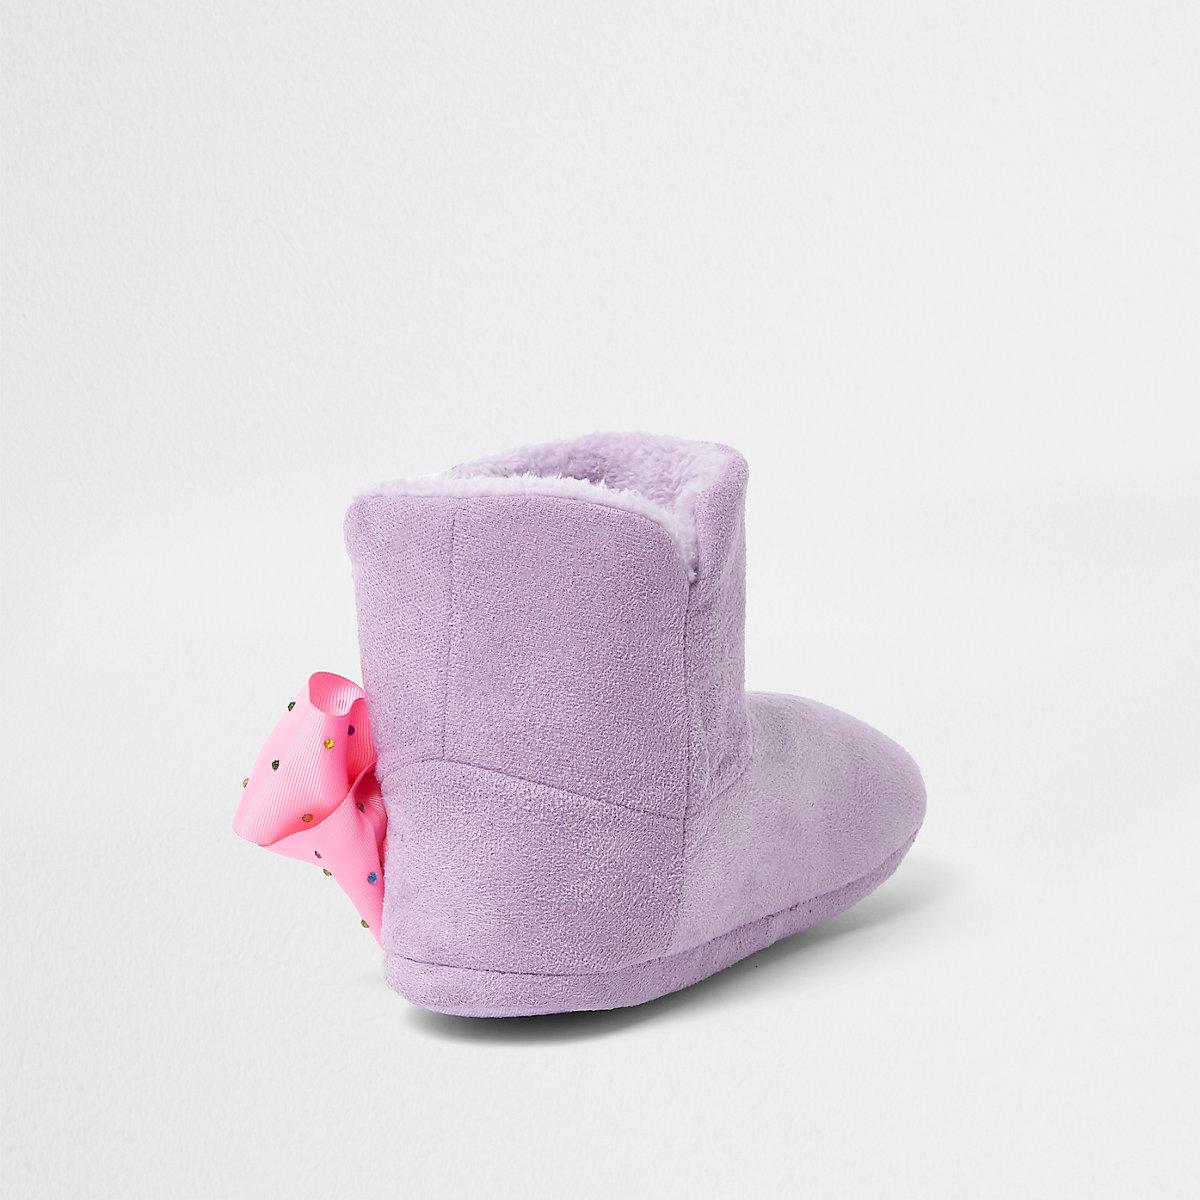 f9d788c2610e2 JoJo Bows – Chaussons bottes violets pour fille - Chaussons ...